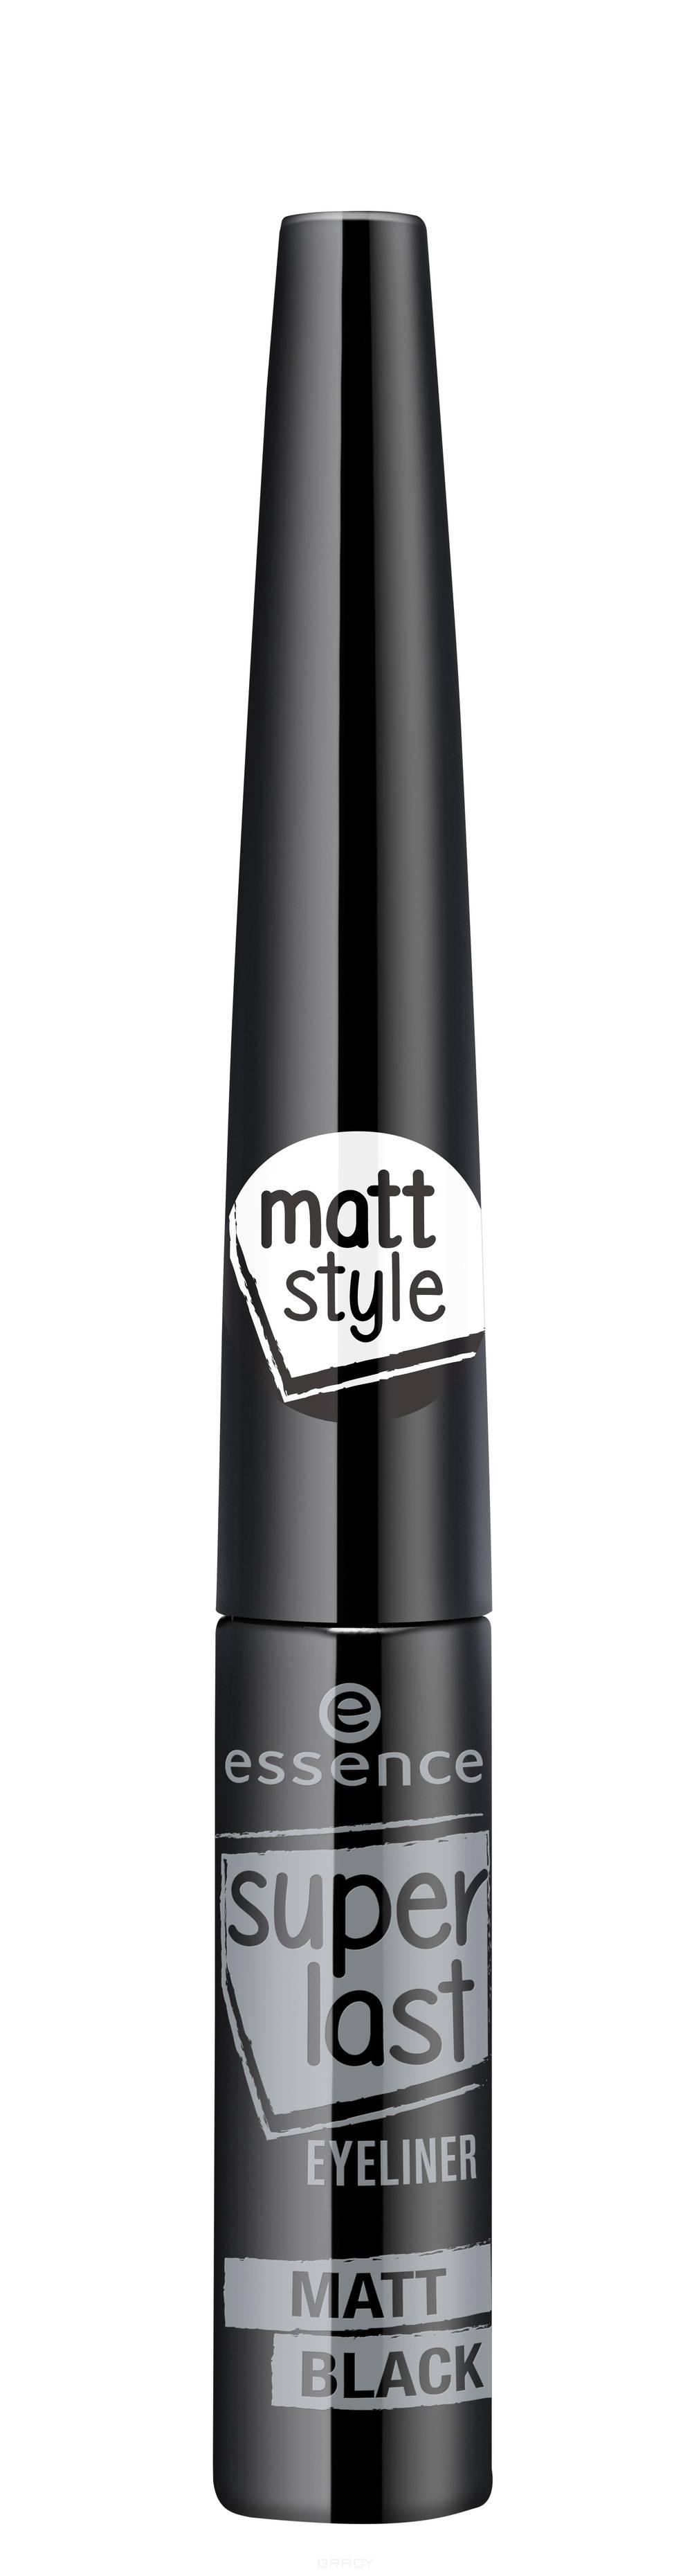 Essence, Подводка для глаз матовая Superlast Eyeliner Matt Black, 3 мл недорого